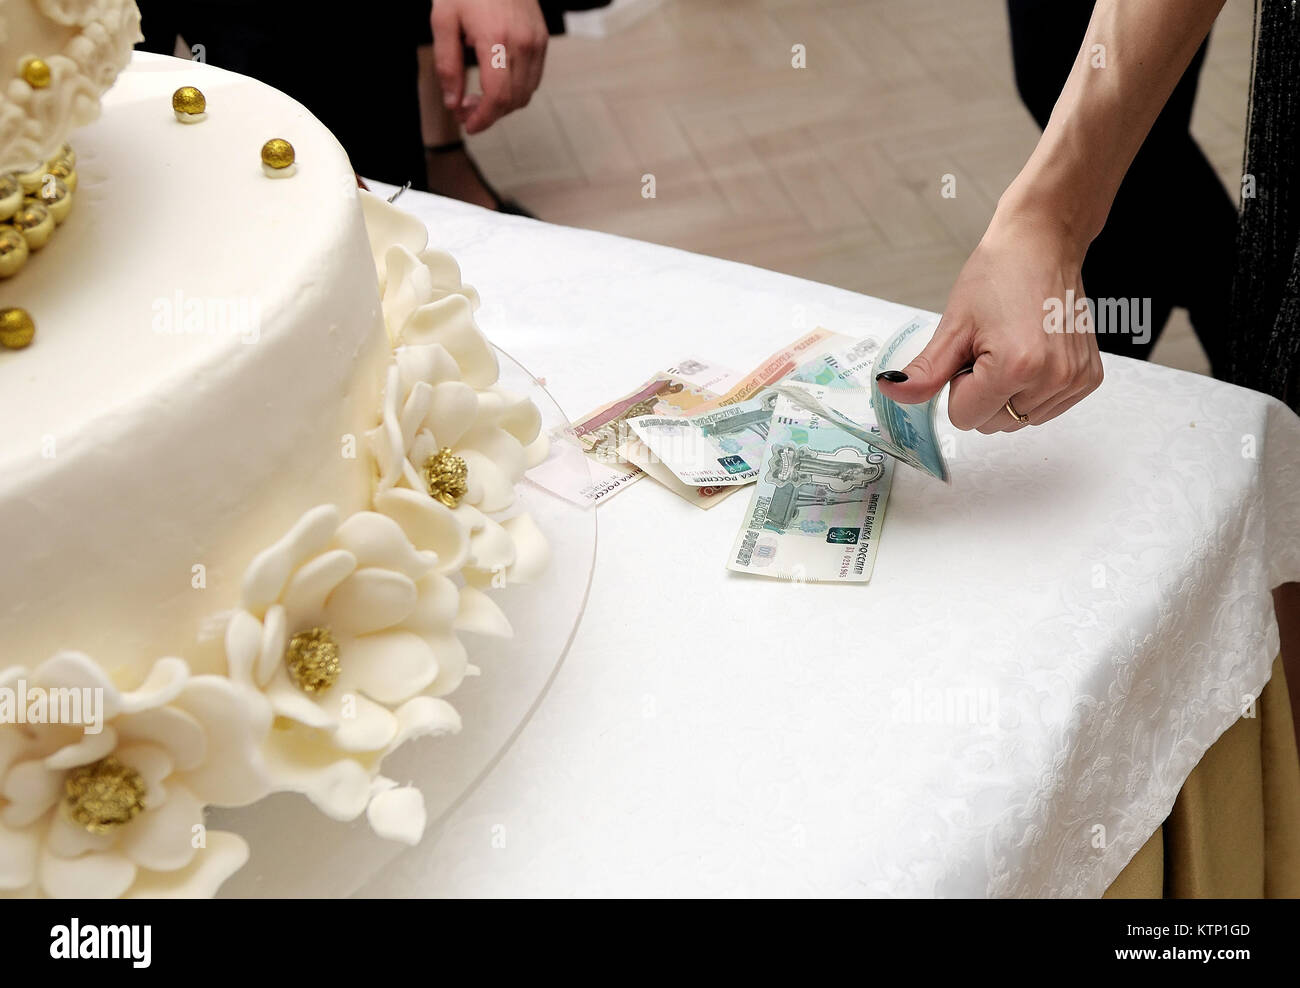 Buying Cake Stock Photos & Buying Cake Stock Images - Alamy